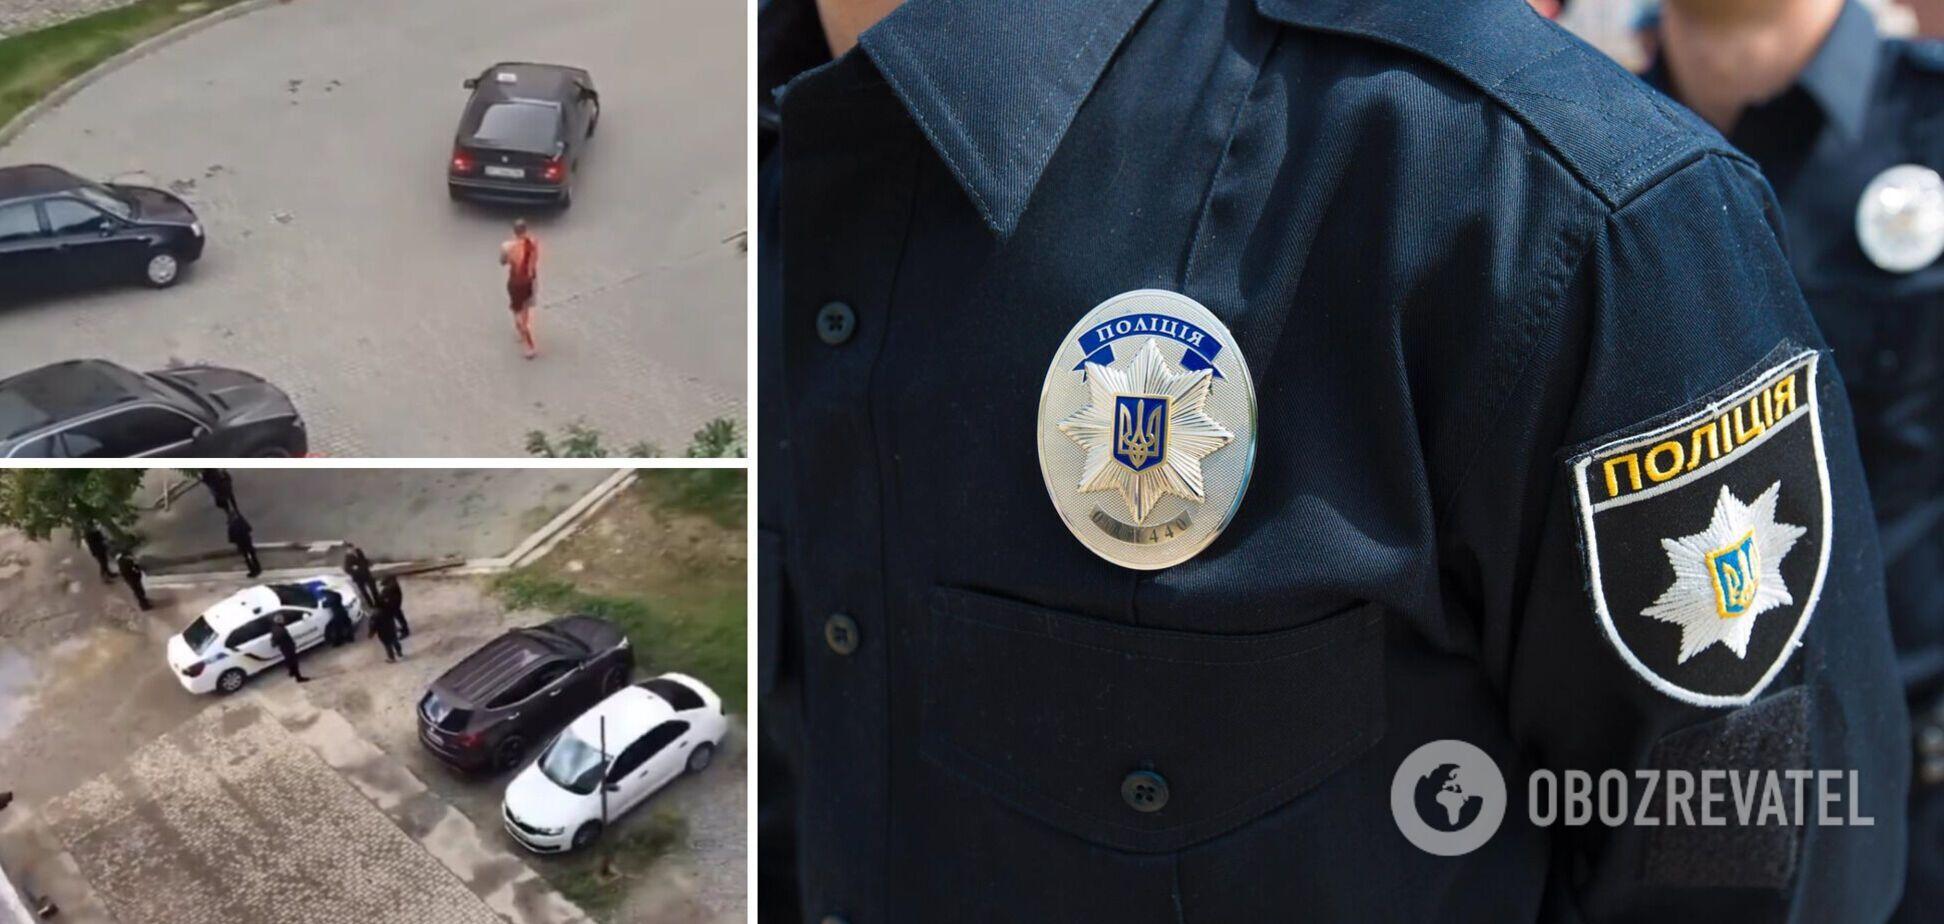 В Івано-Франківську чоловік із ножем увірвався в квартиру і поранив господаря: за його життя борються лікарі. Фото